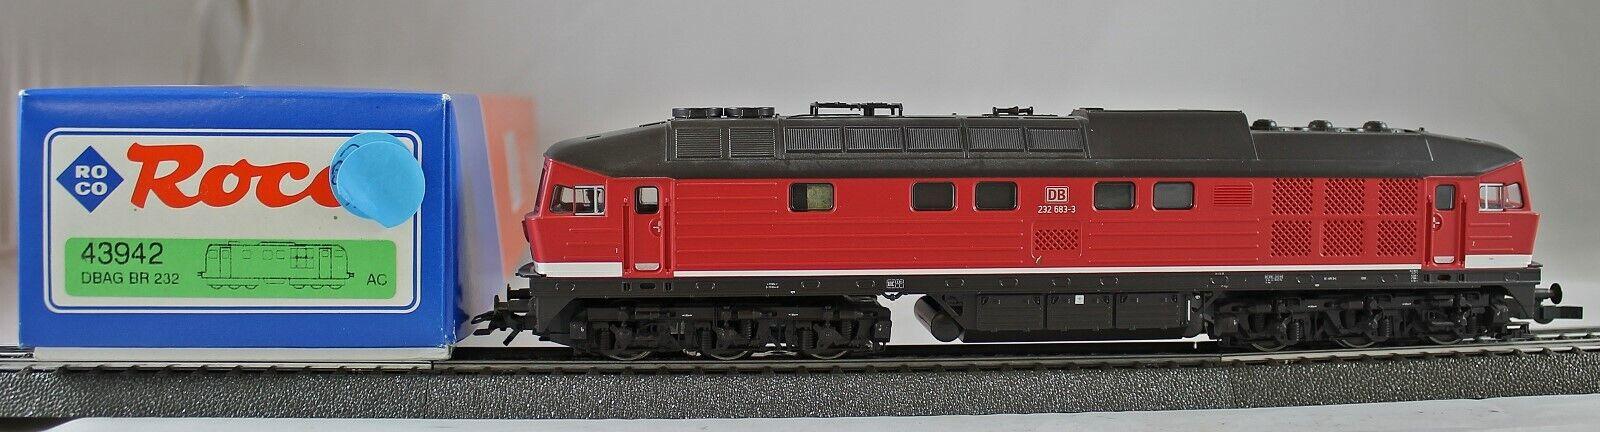 Roco 43942 Locomotora Diésel Br 232 de la DB Ag de Colección con Ovp AC Digital